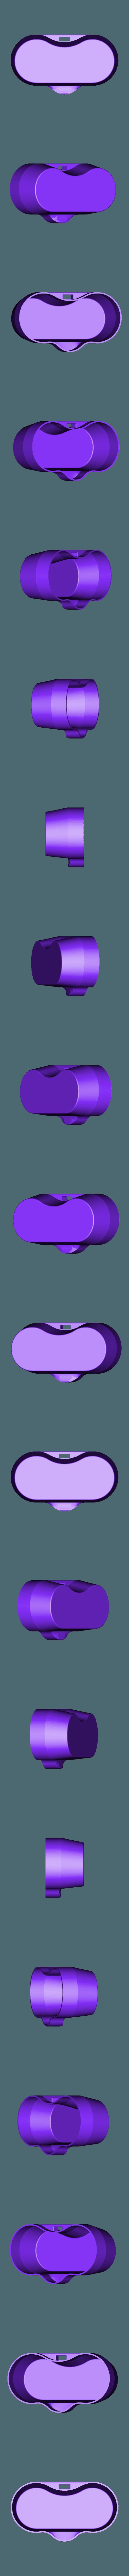 Binoculars_lid.stl Télécharger fichier STL gratuit Affaire des jumelles • Plan à imprimer en 3D, CartesianCreationsAU